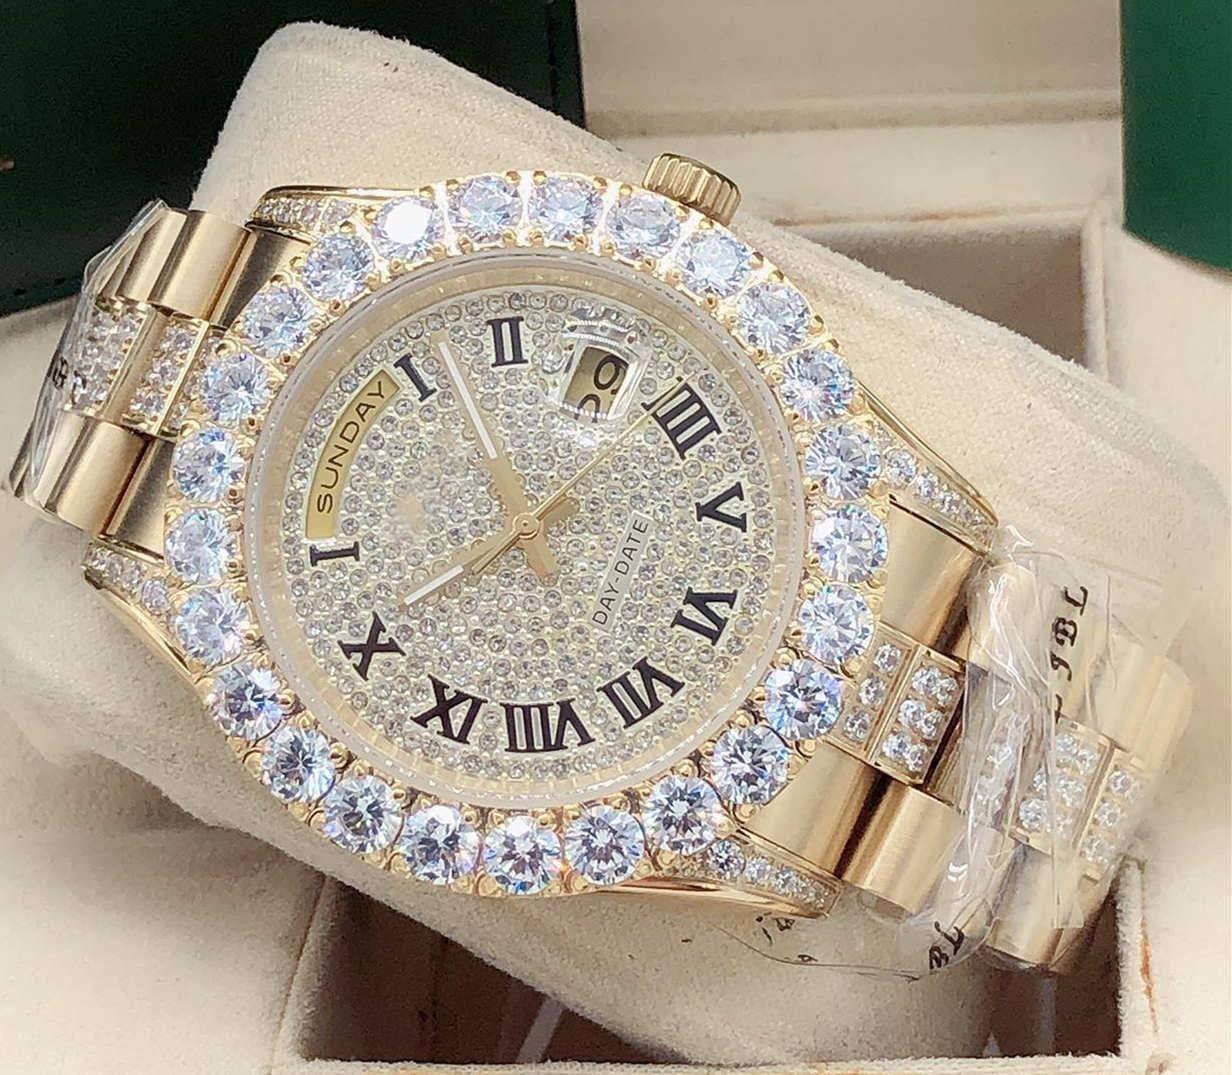 الرجال الساعات 43 ملليمتر كبير الماس ستار الرومانية الحرفي المعصم ووتش تاريخ / أسبوع تصميم الأزياء جودة الفولاذ المقاوم للصدأ المعصم الميكانيكية